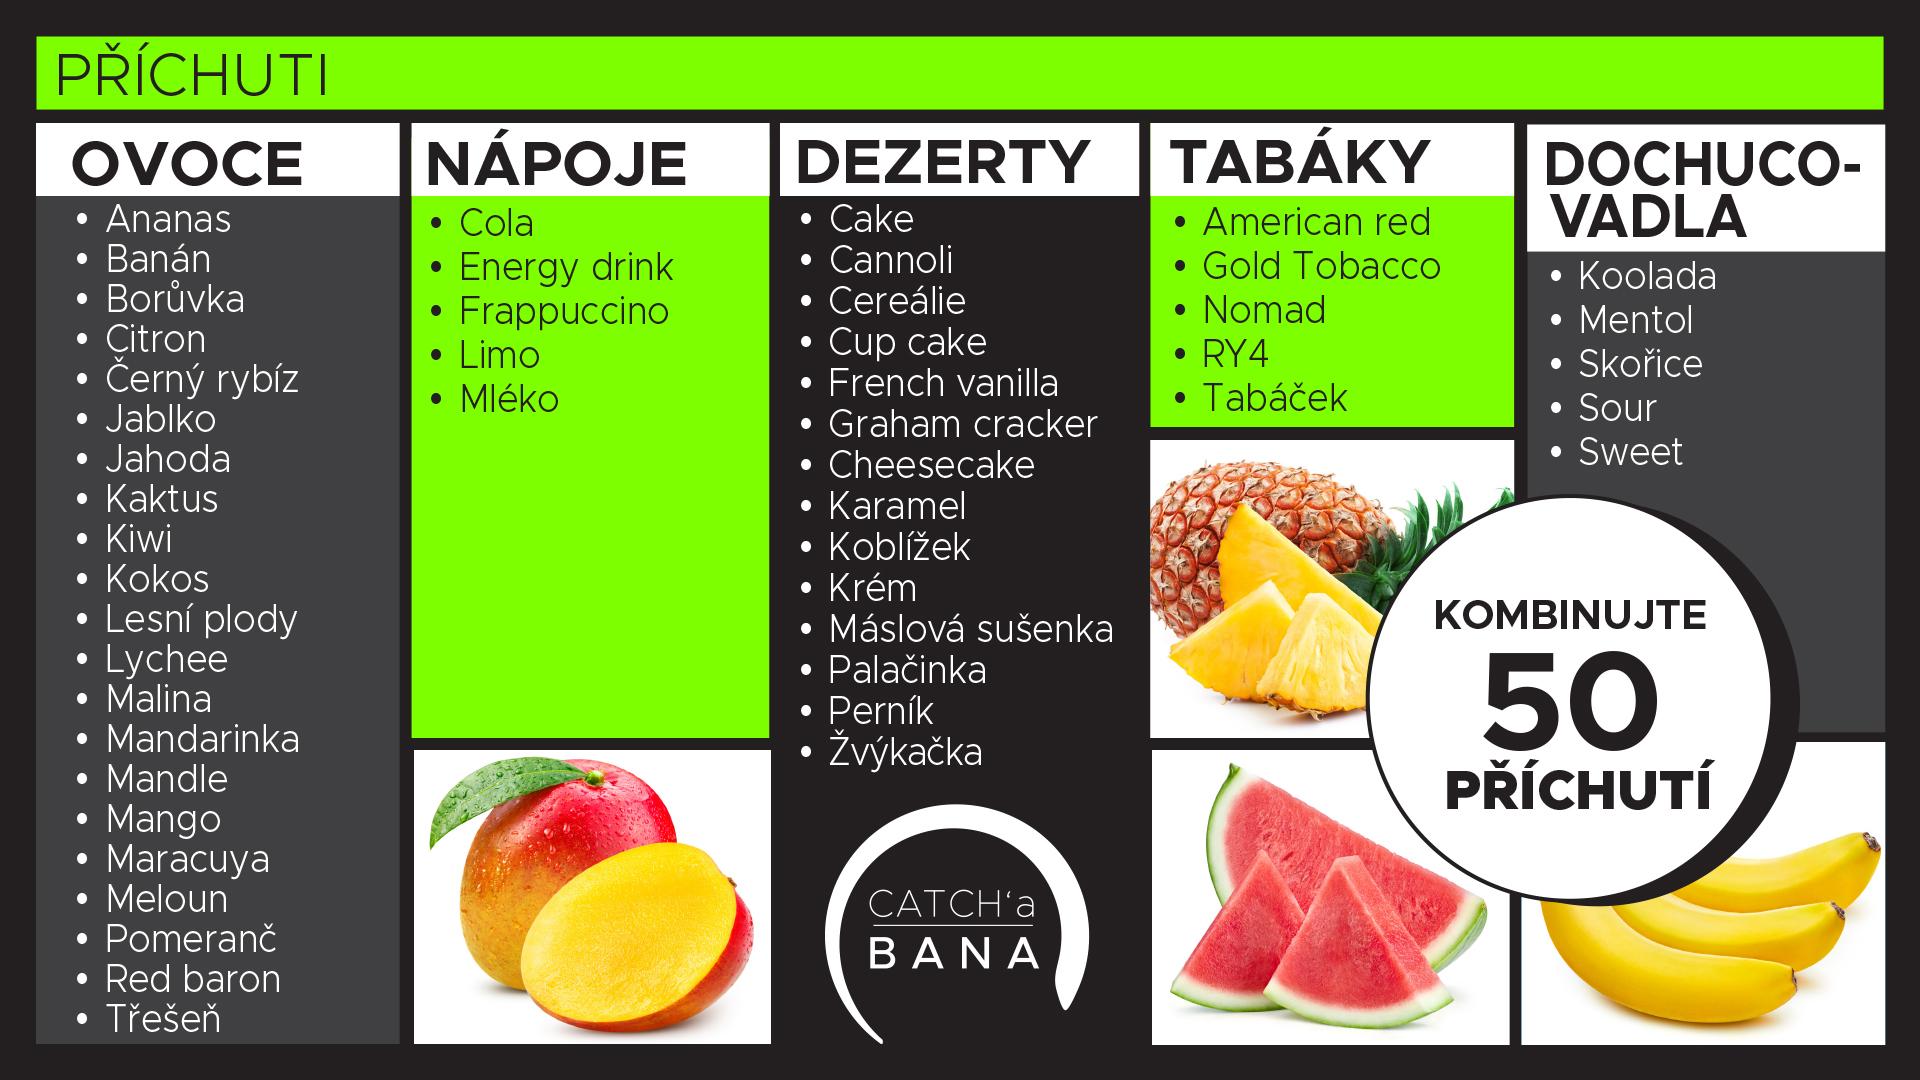 CATCHa_BANA_BAR_menu